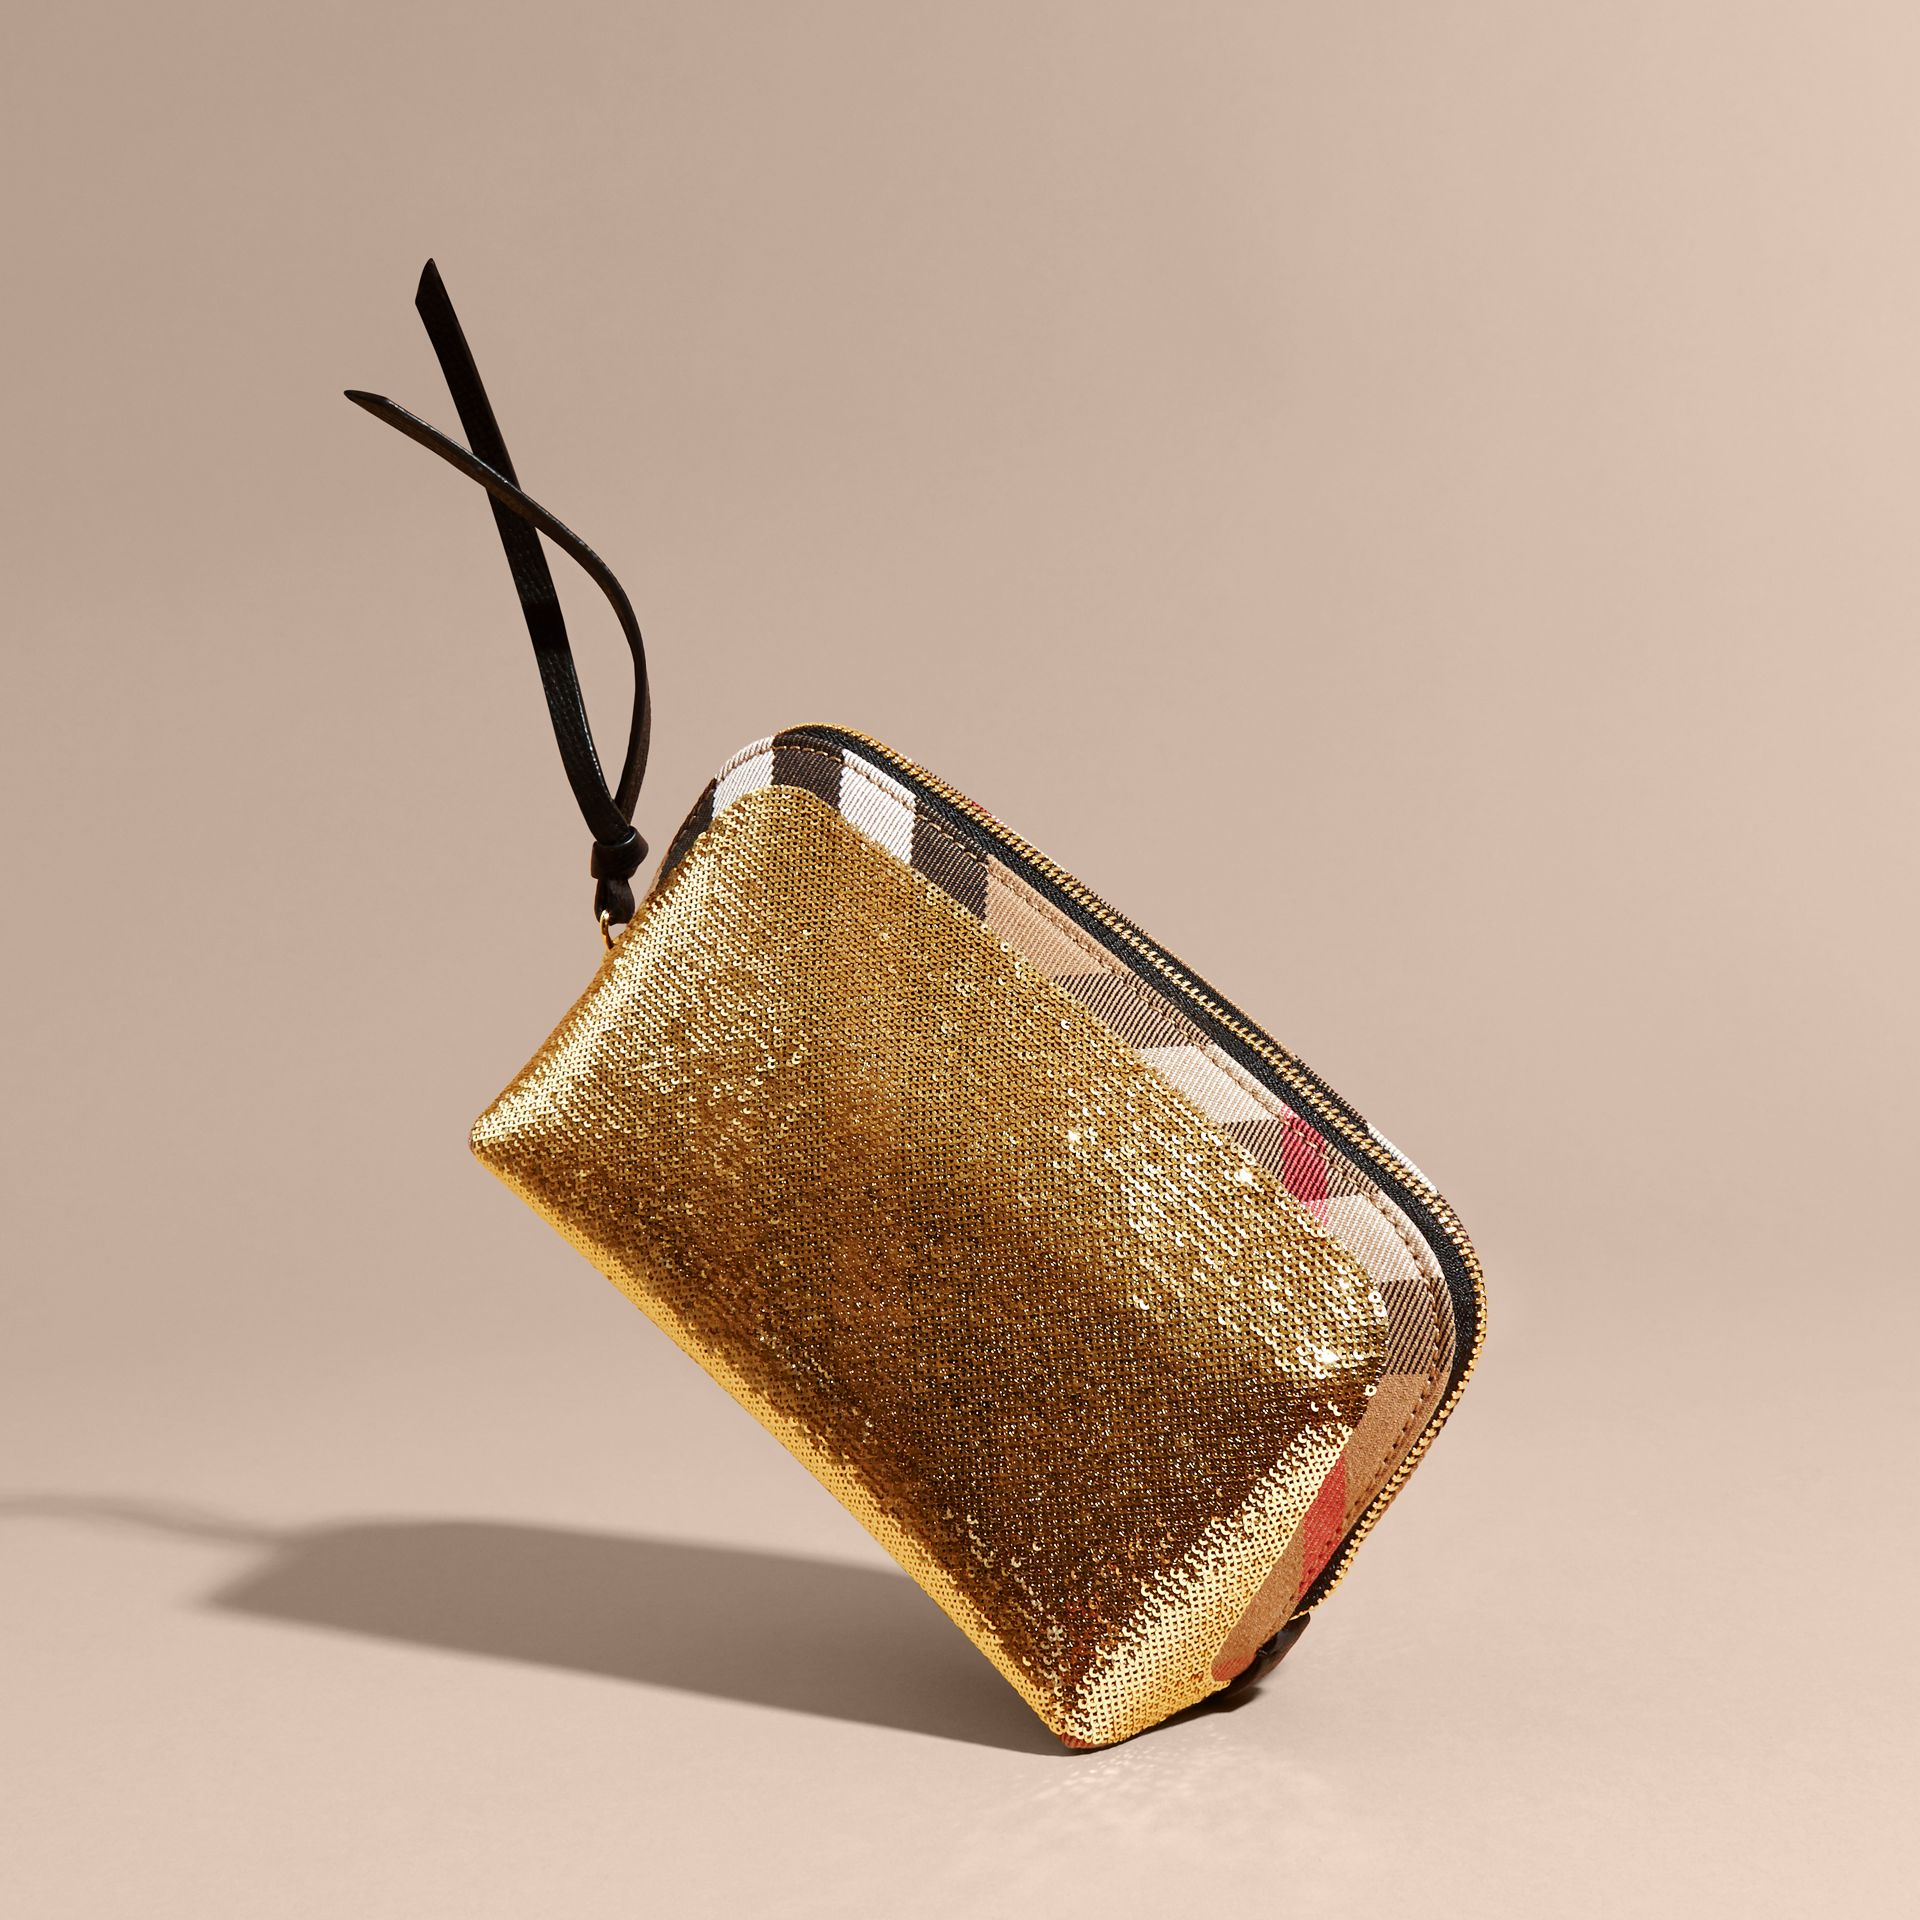 Oro/nero Trousse grande con motivo House check, paillettes e cerniera Oro/nero - immagine della galleria 4